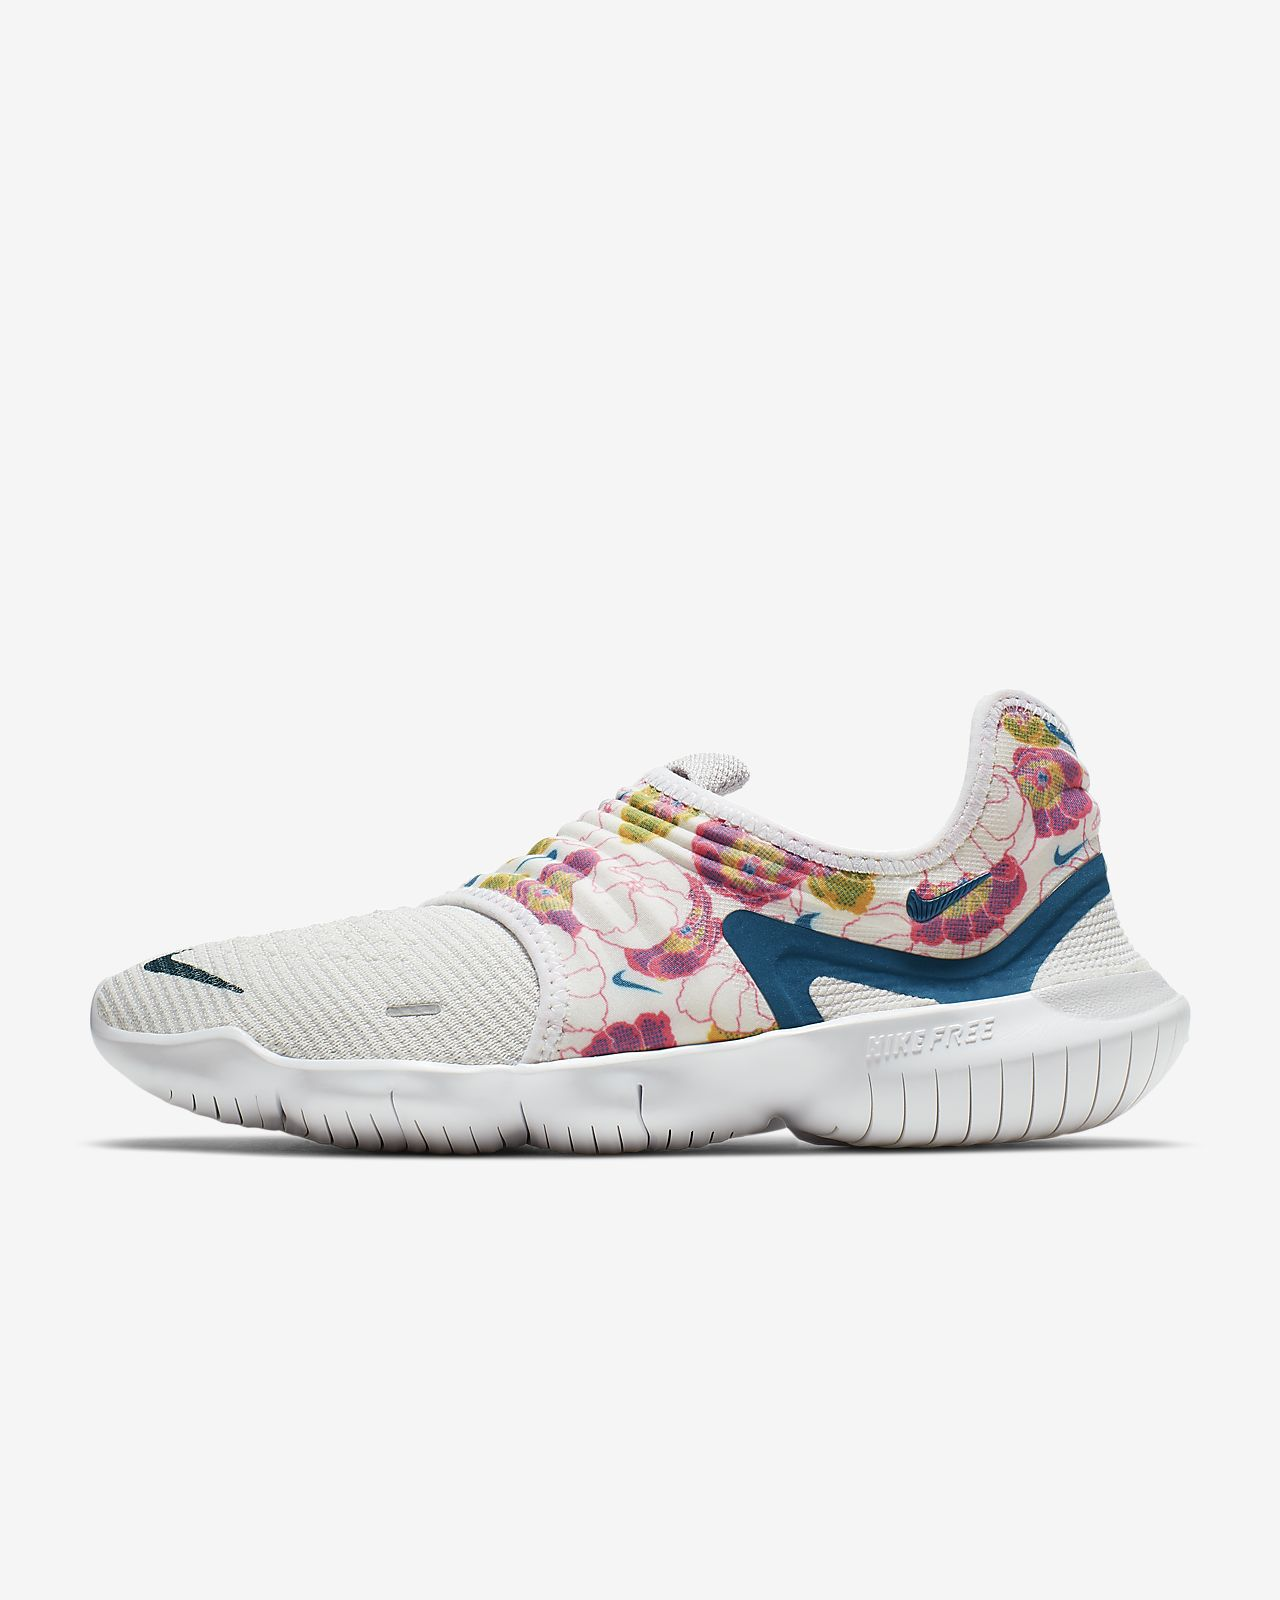 1f7a99182c24 Nike Free RN Flyknit 3.0 Women s Running Shoe. Nike.com GB